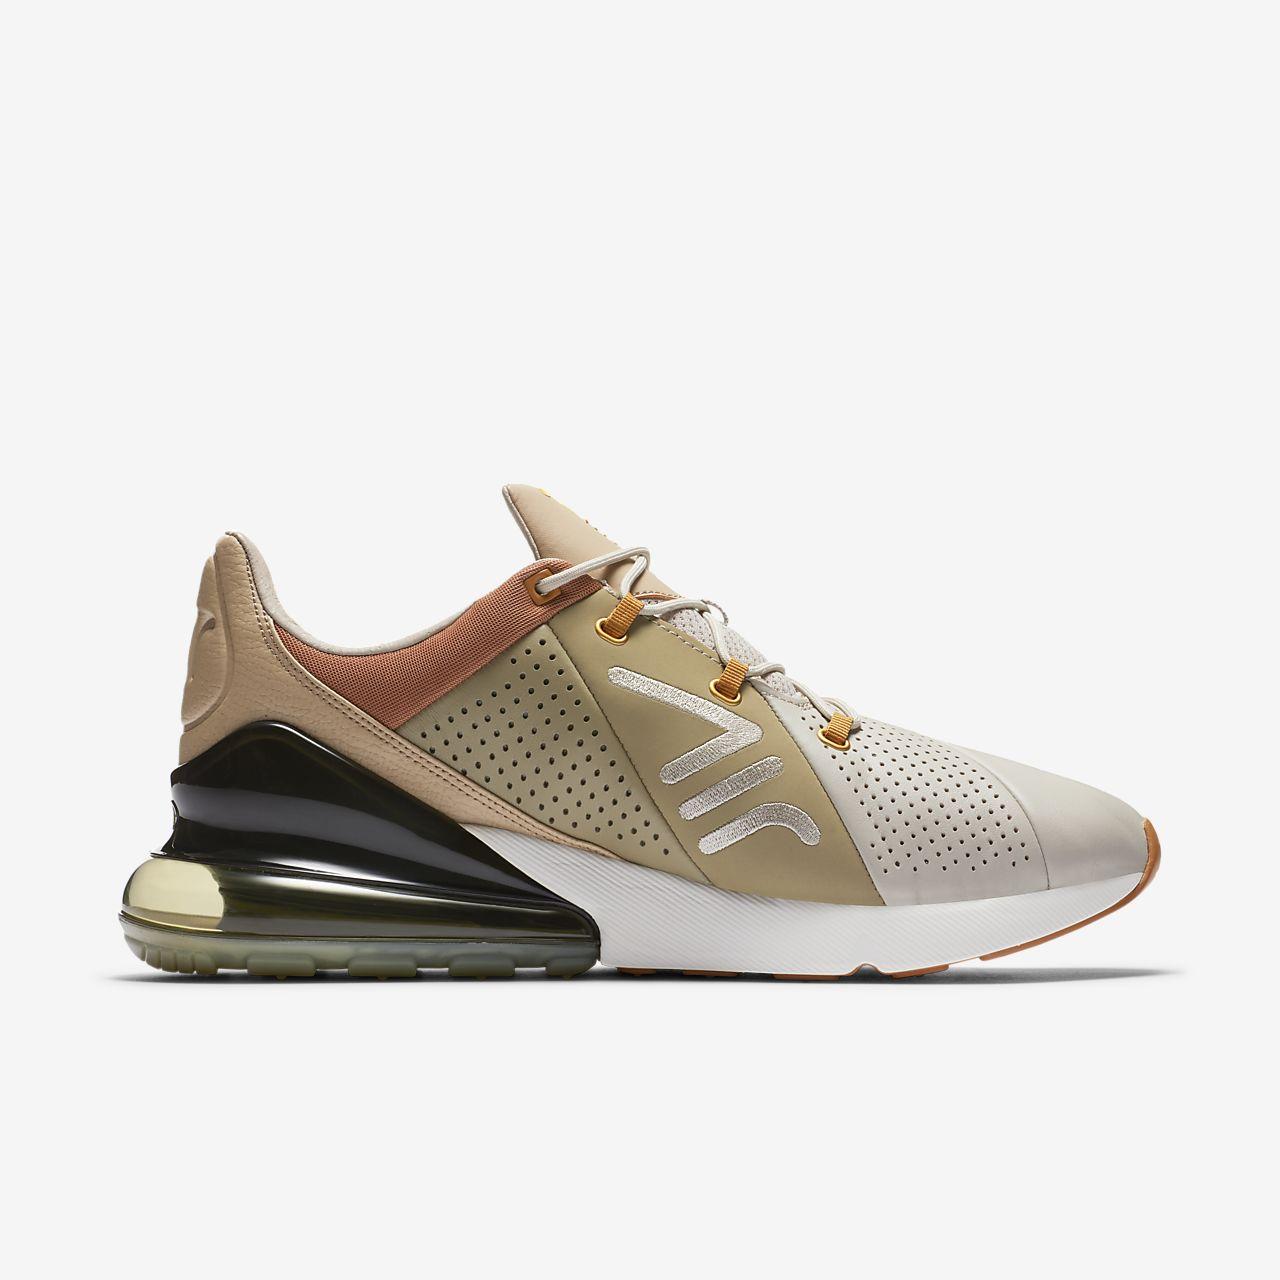 Homme 270 Premium Air Chaussure Nike Pour Max 5jL3R4A